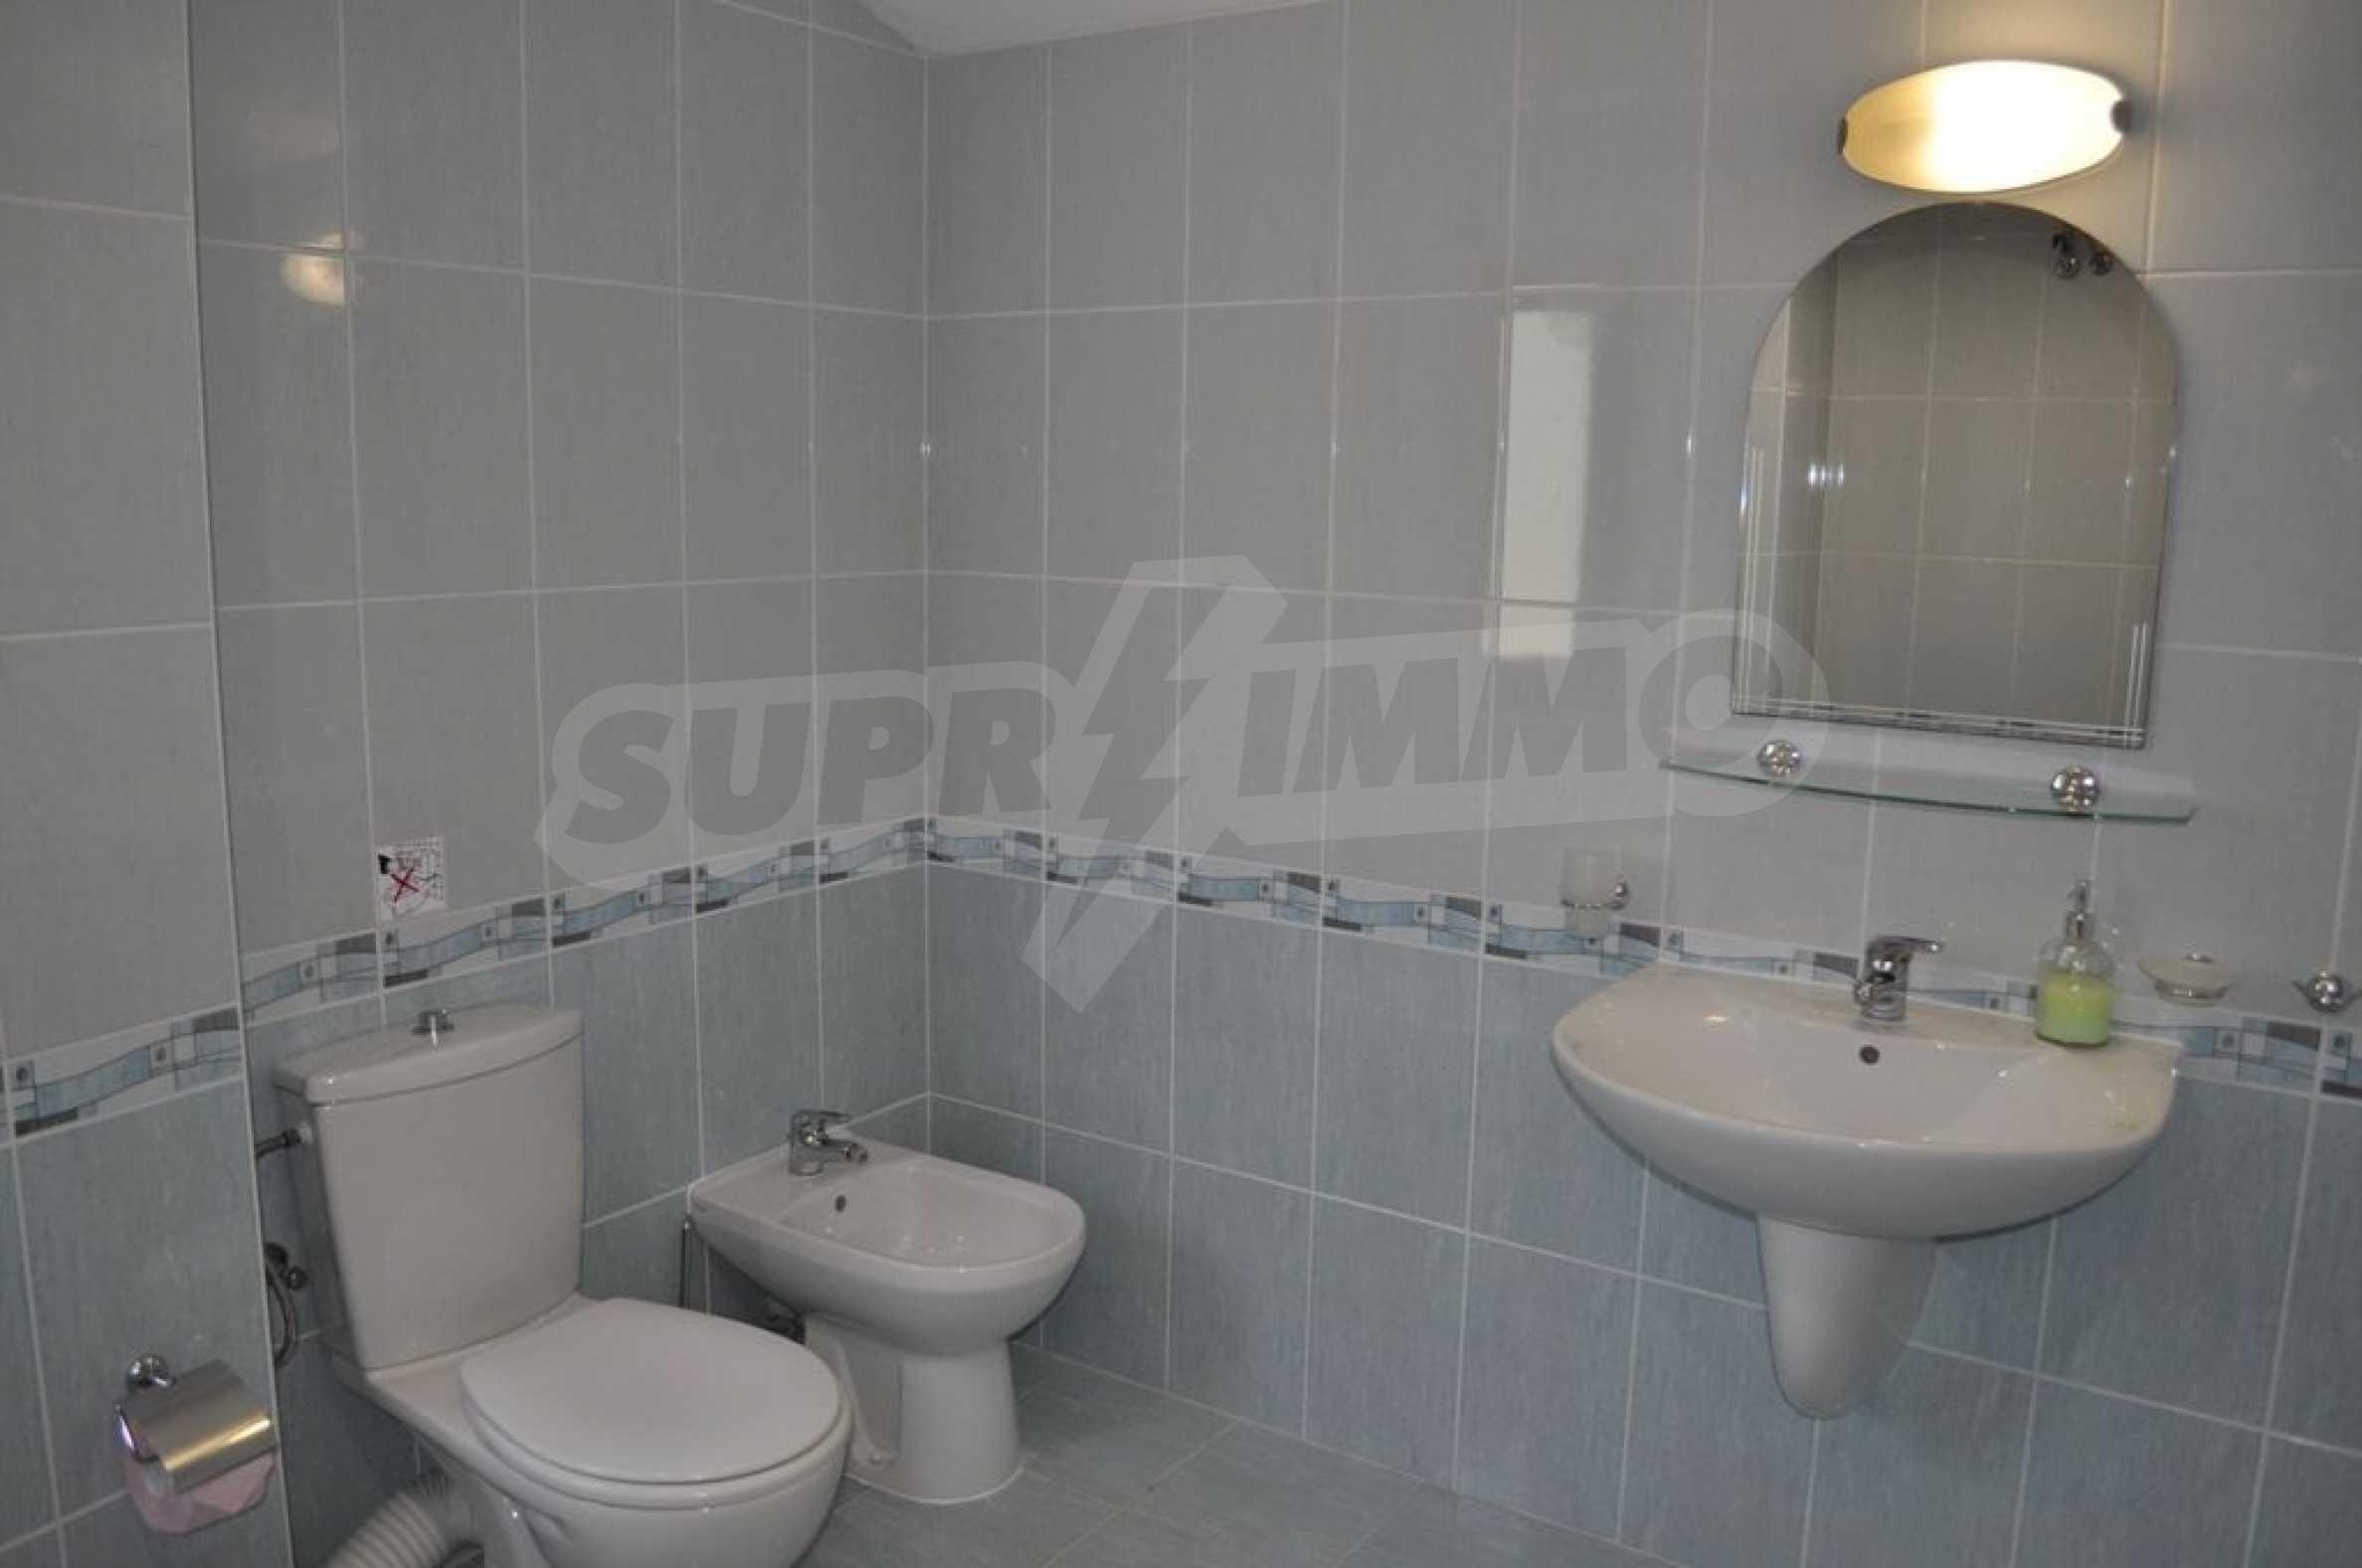 Villa mit Swimmingpool und 6 Schlafzimmern in der Nähe des Resorts Albena 24